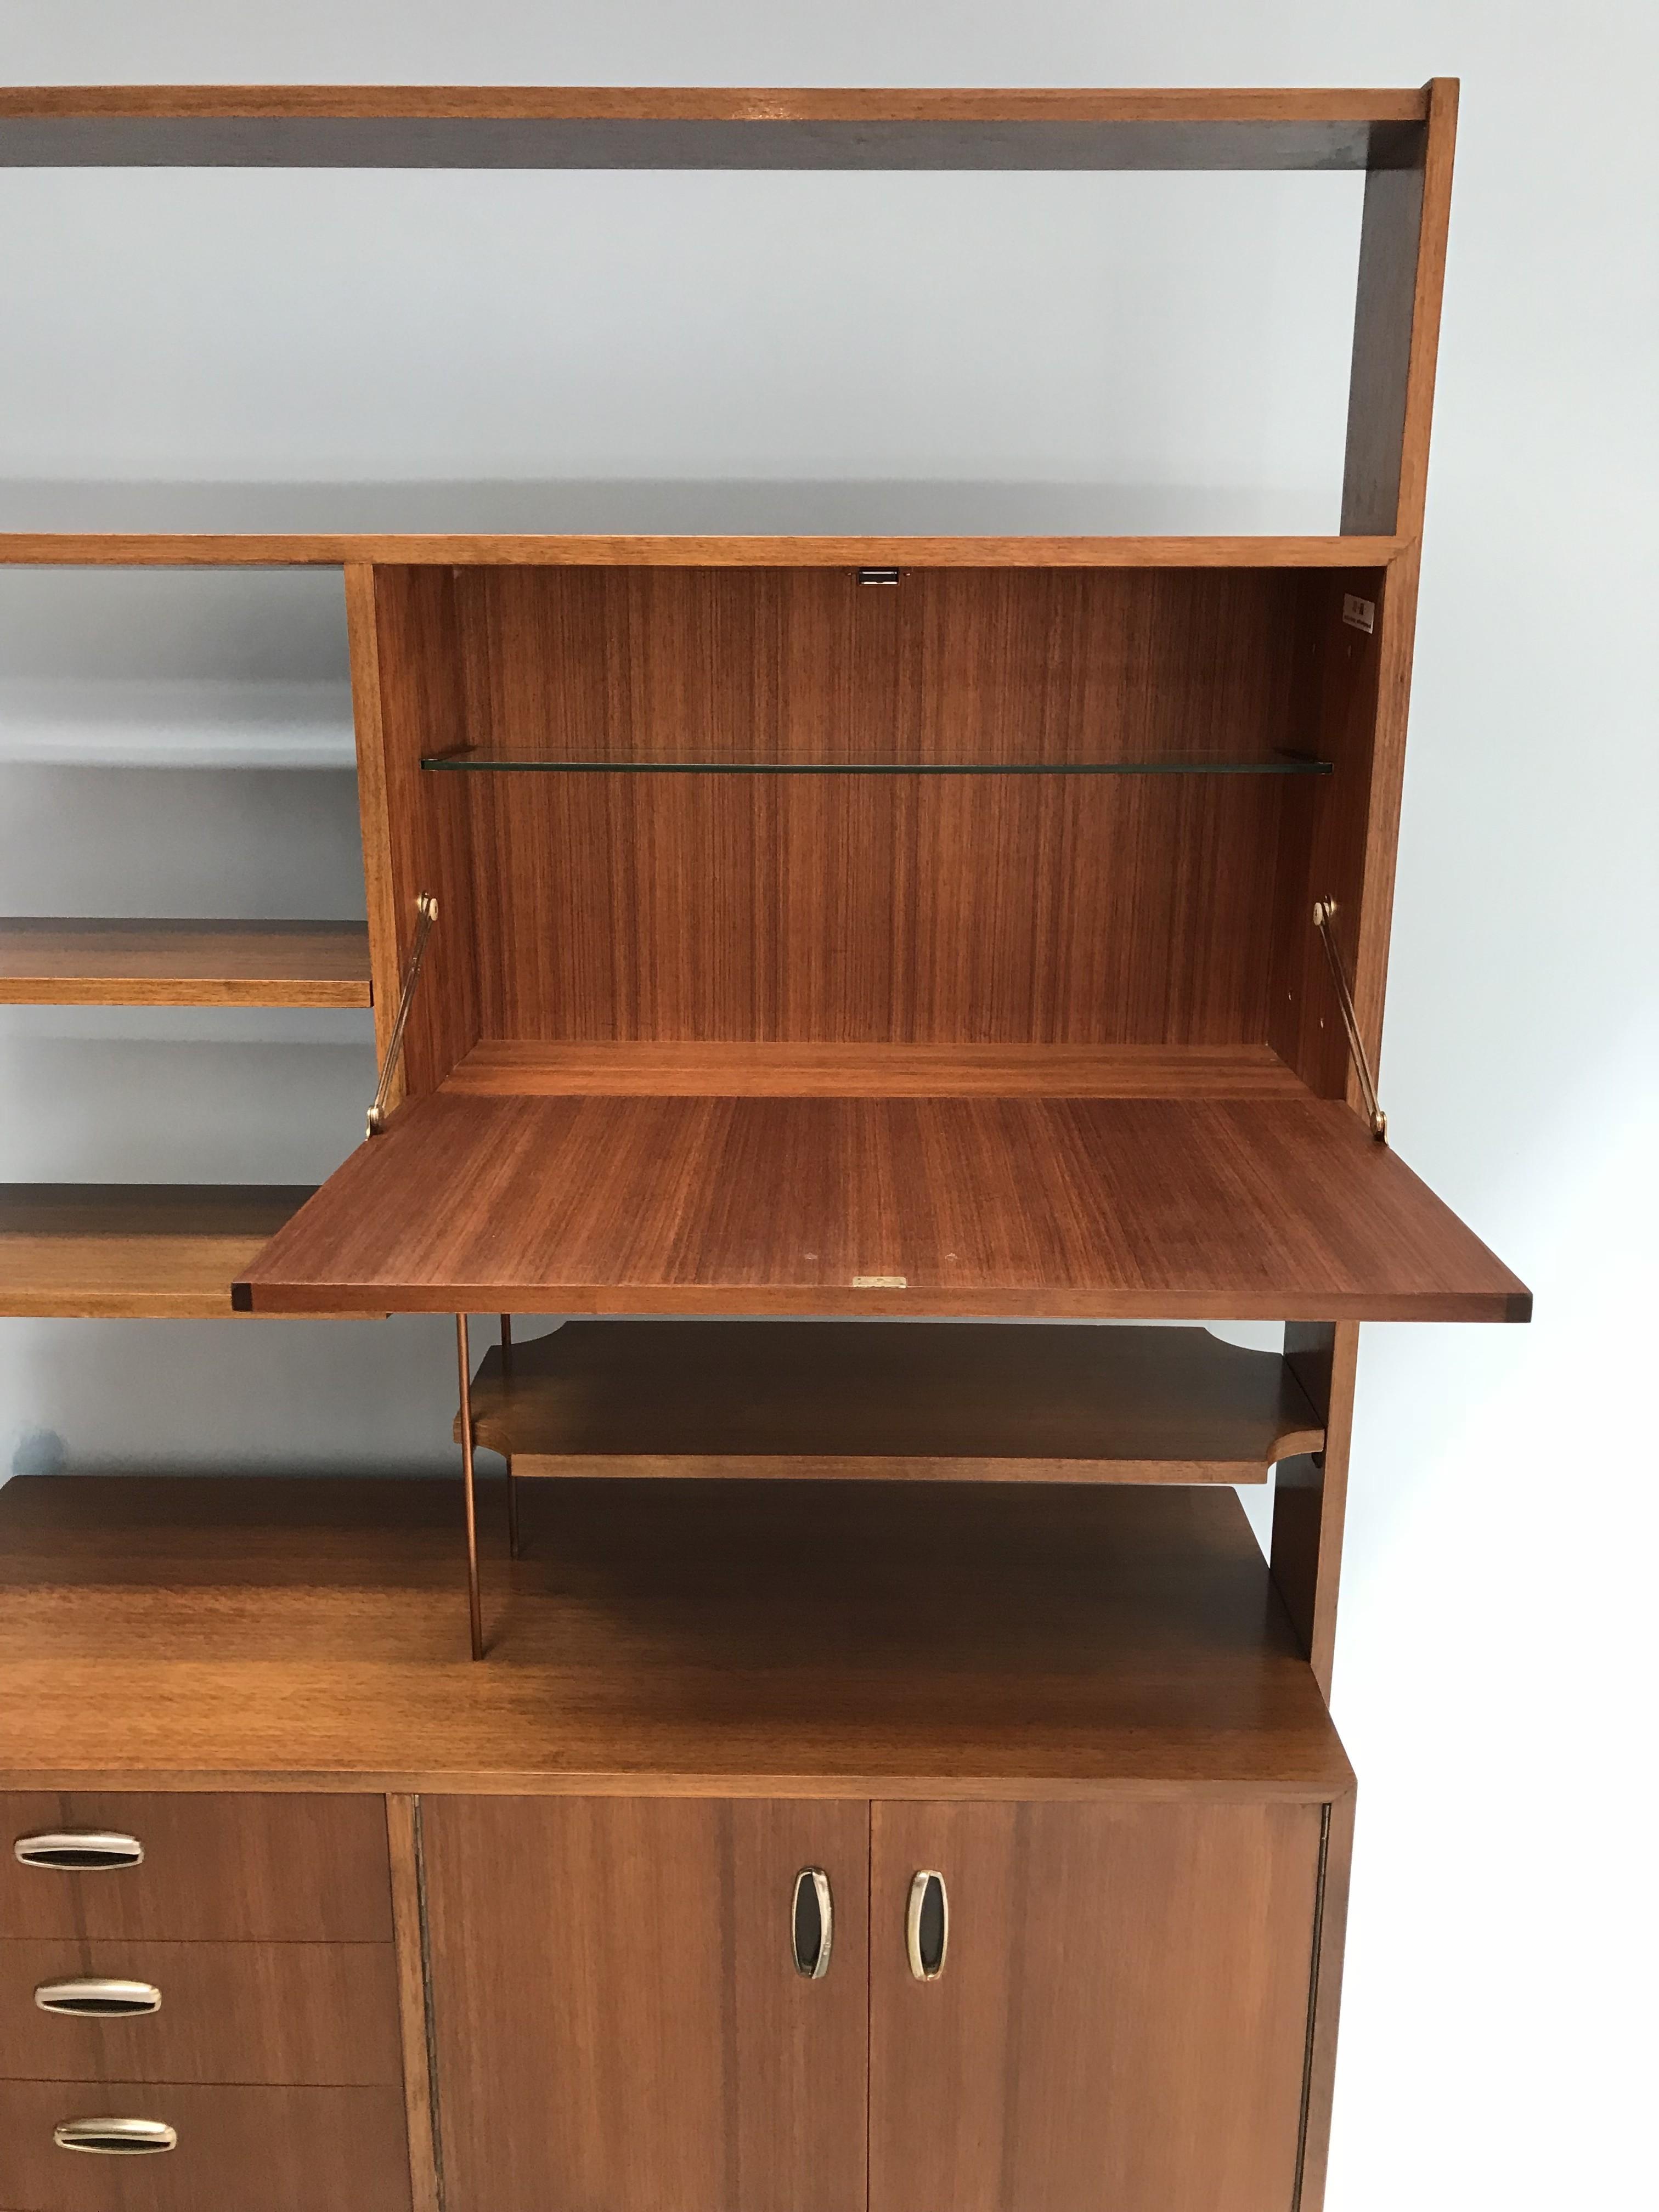 Vintage room divider wallunit in teak for G plan 1960s Design Market